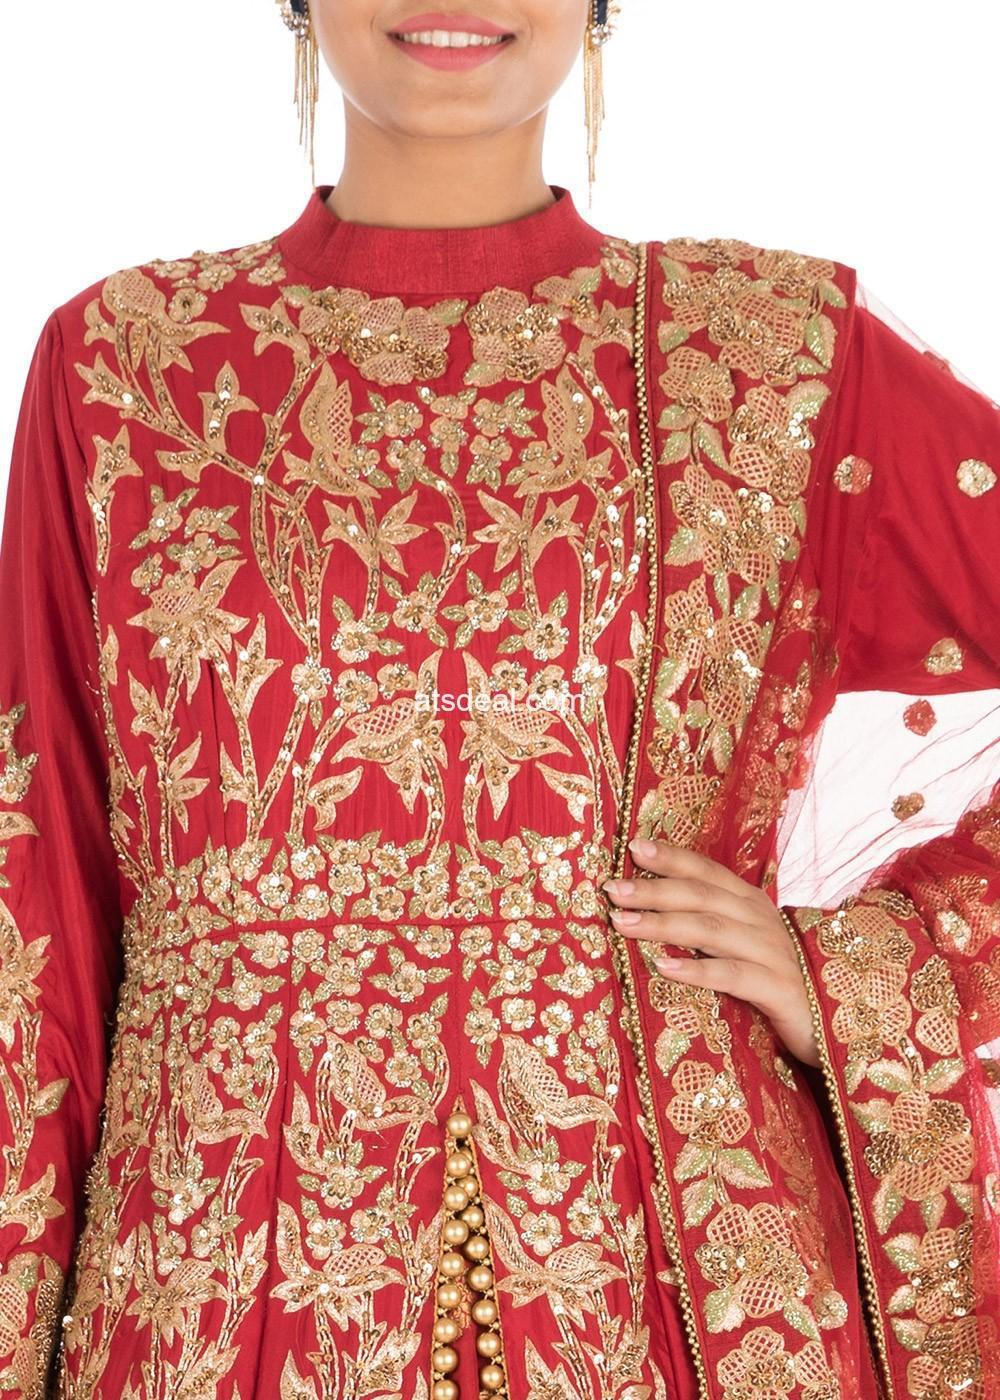 Red Hand Embroidered Jacket Style Bridal Lehenga